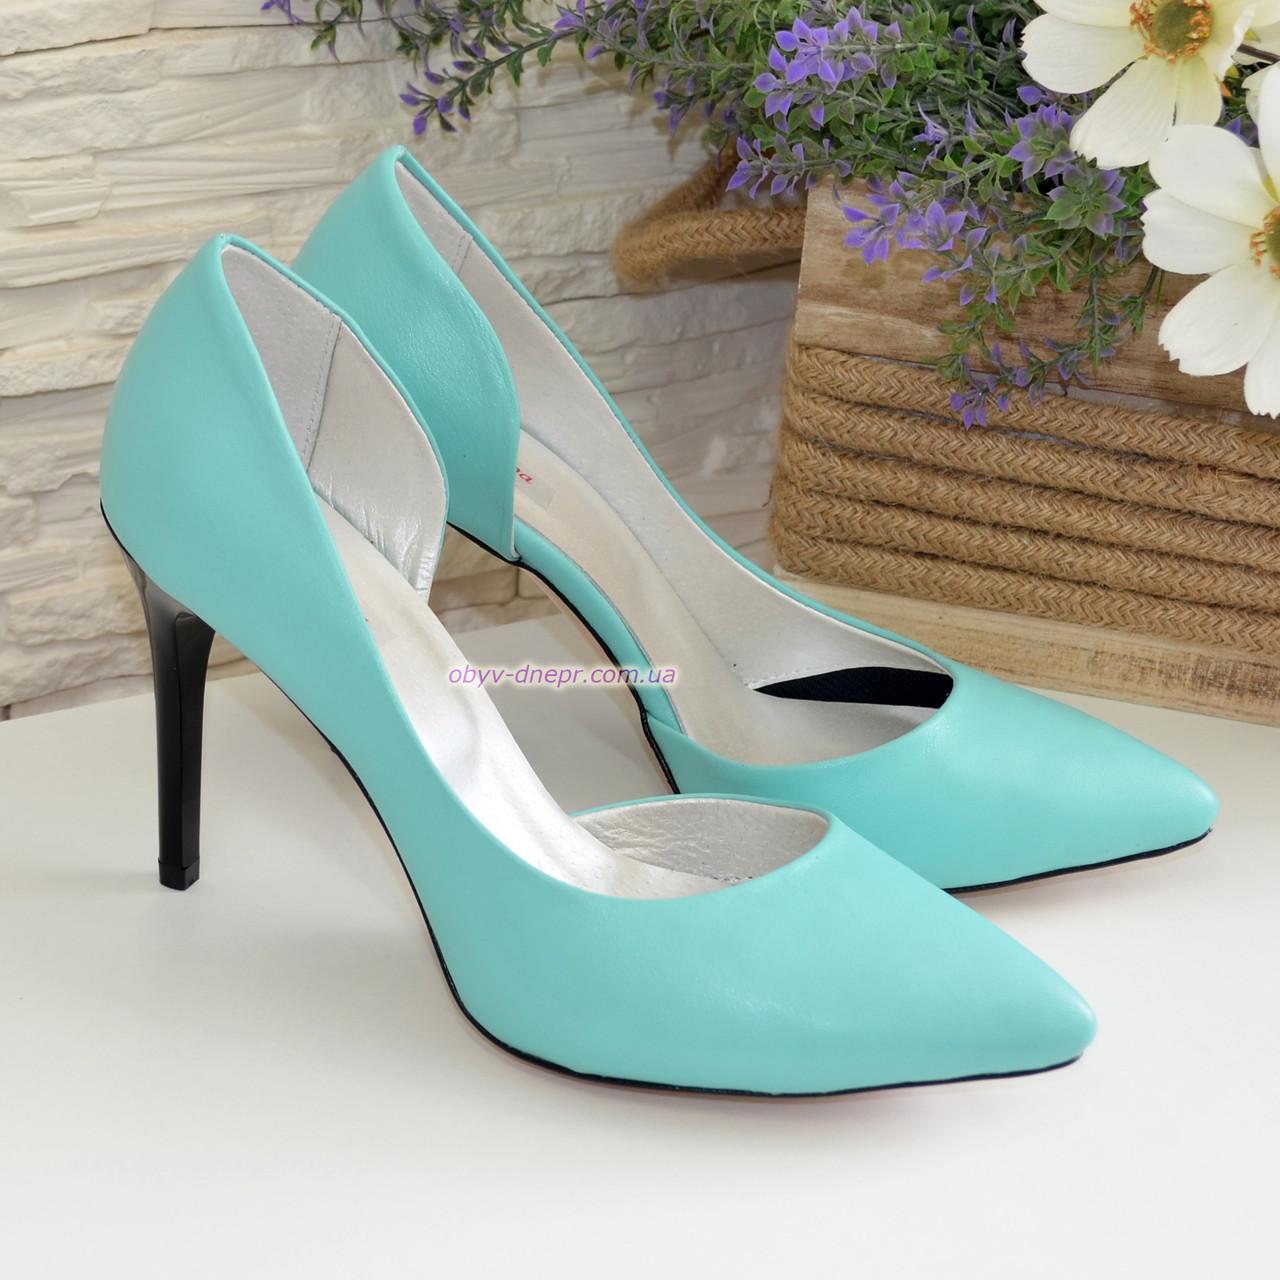 Женские кожаные туфли на шпильке, цвет мята